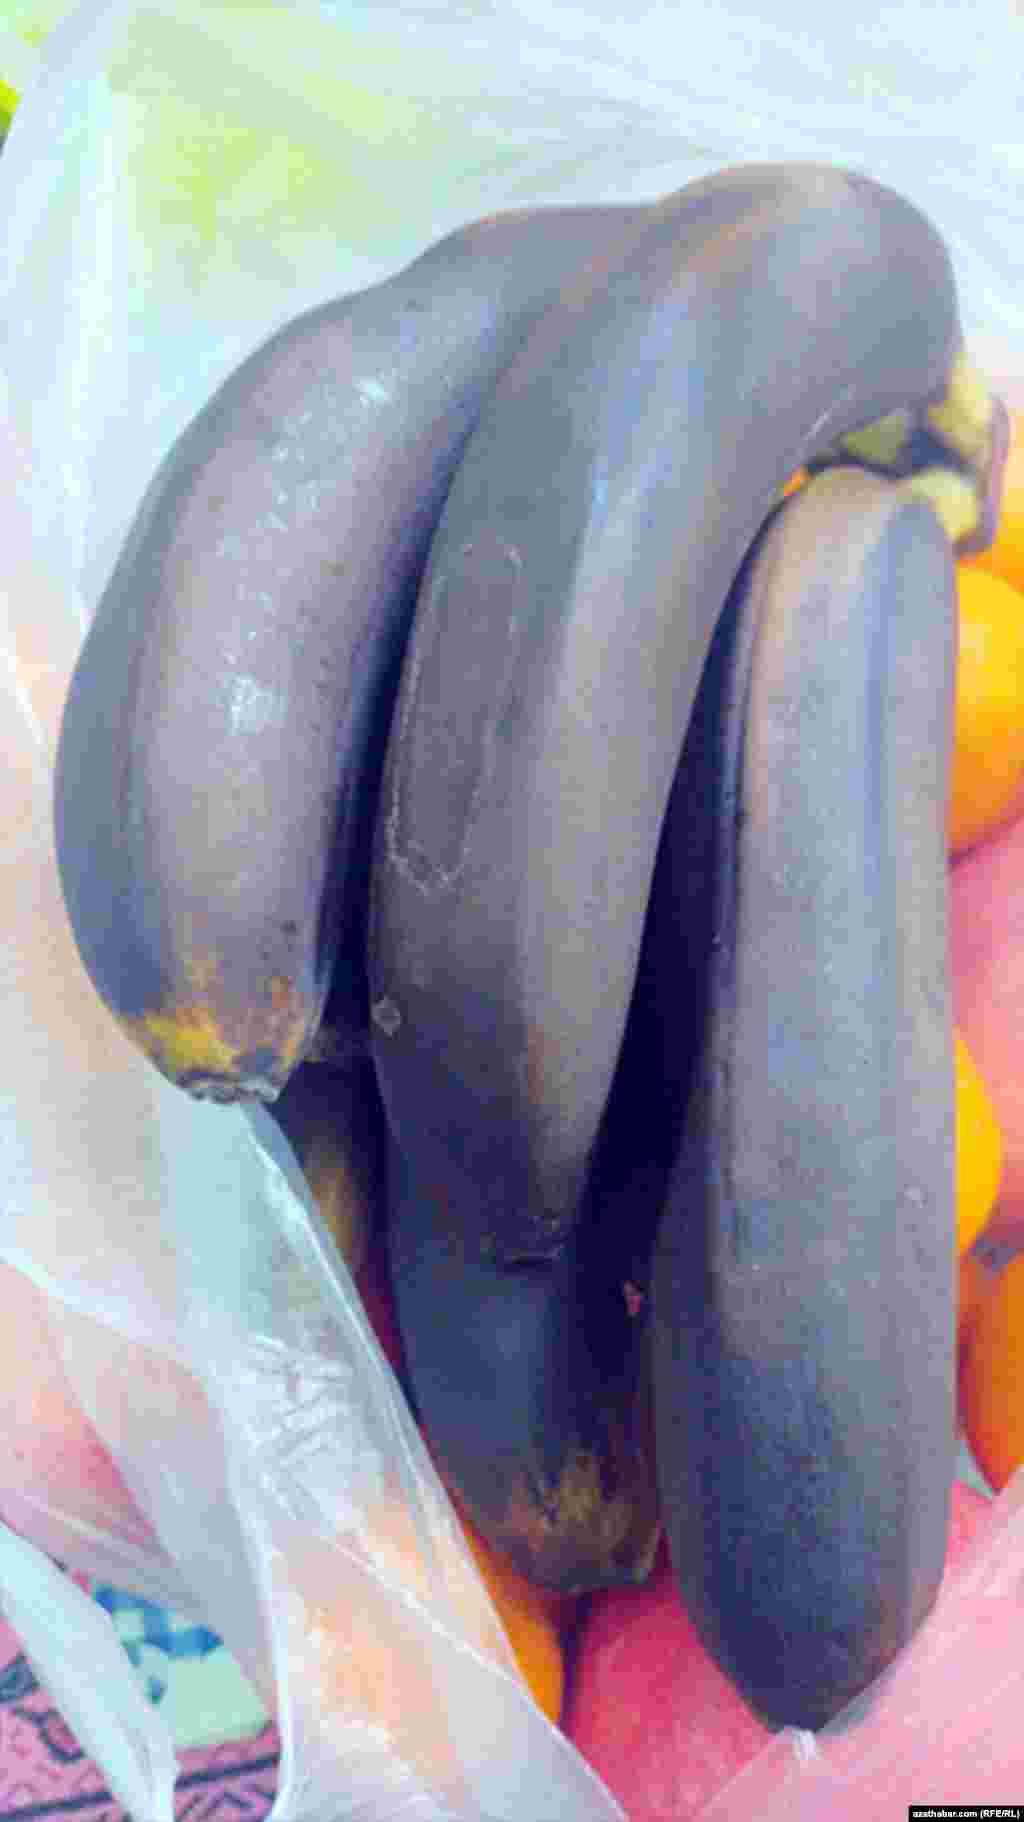 Килограмм любых фруктов на 6-м рынке продается по 15 манатов, но к ним необходимо купить килограмм почерневших бананов. Ашхабад. Январь 2021 г.